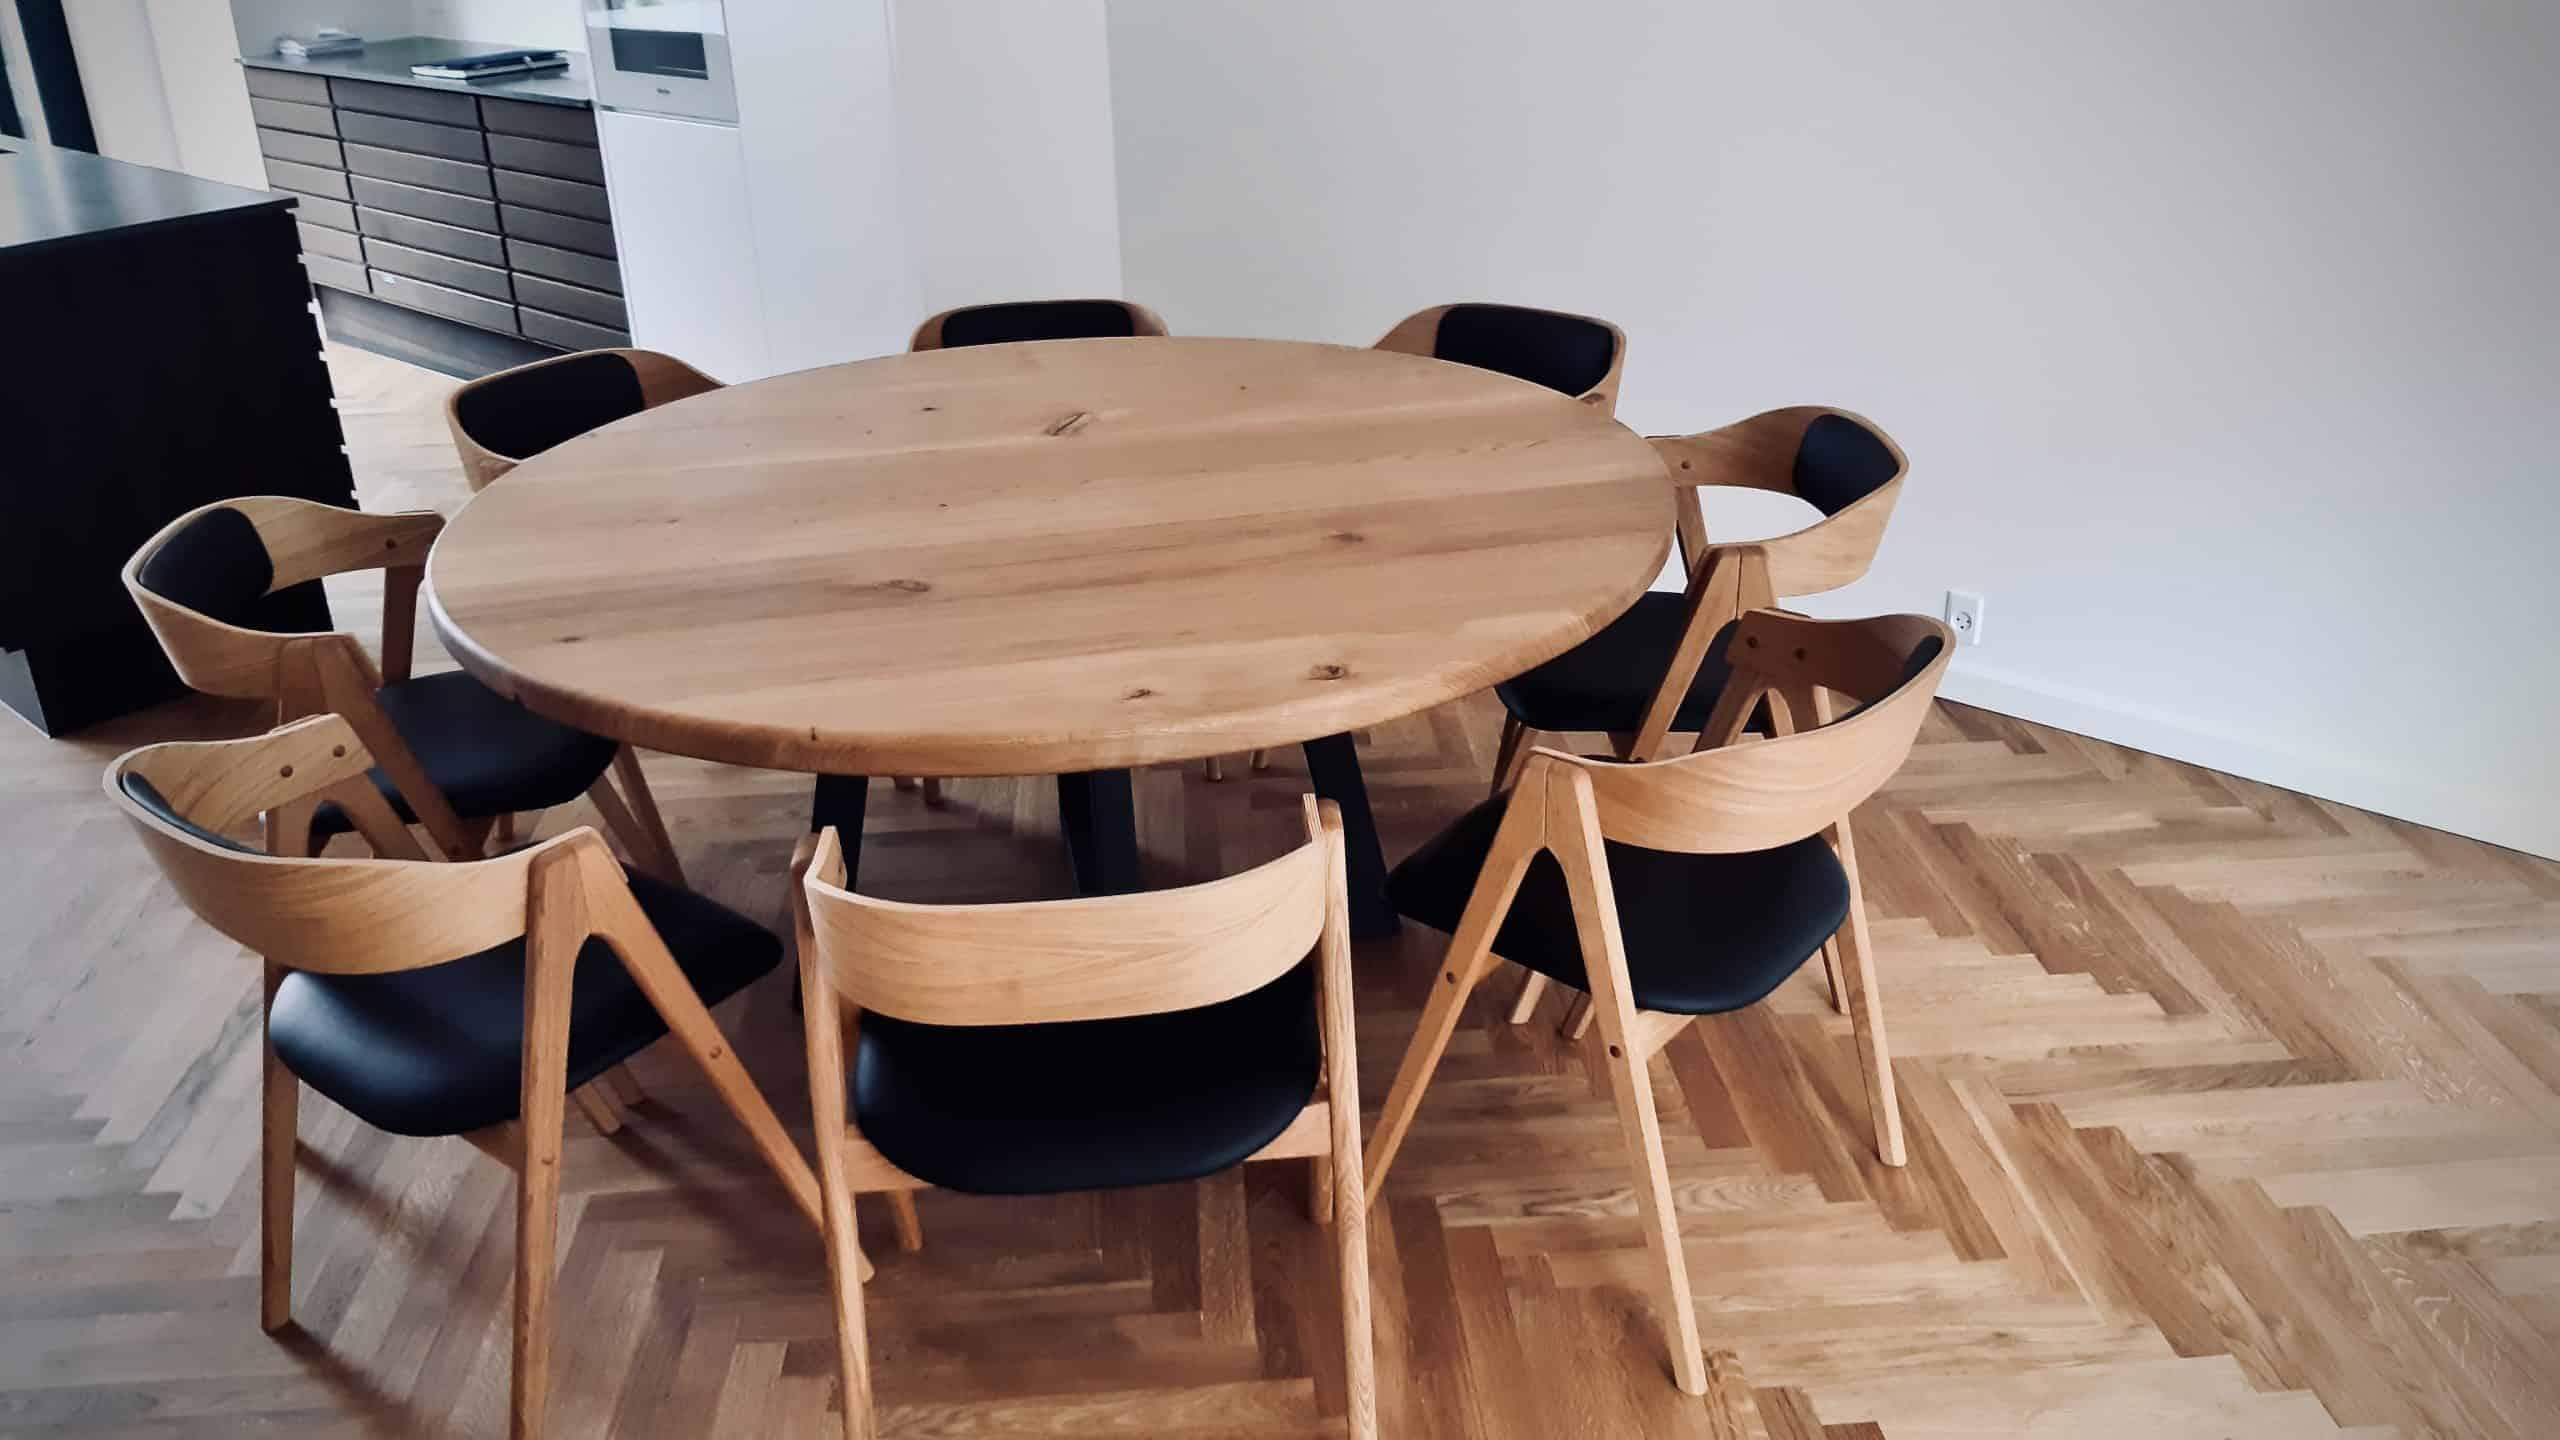 rundtbord rundbord ovalt bord bord i trae traebord traemobler kaerbygaard kaerbygård august 2020 2 scaled